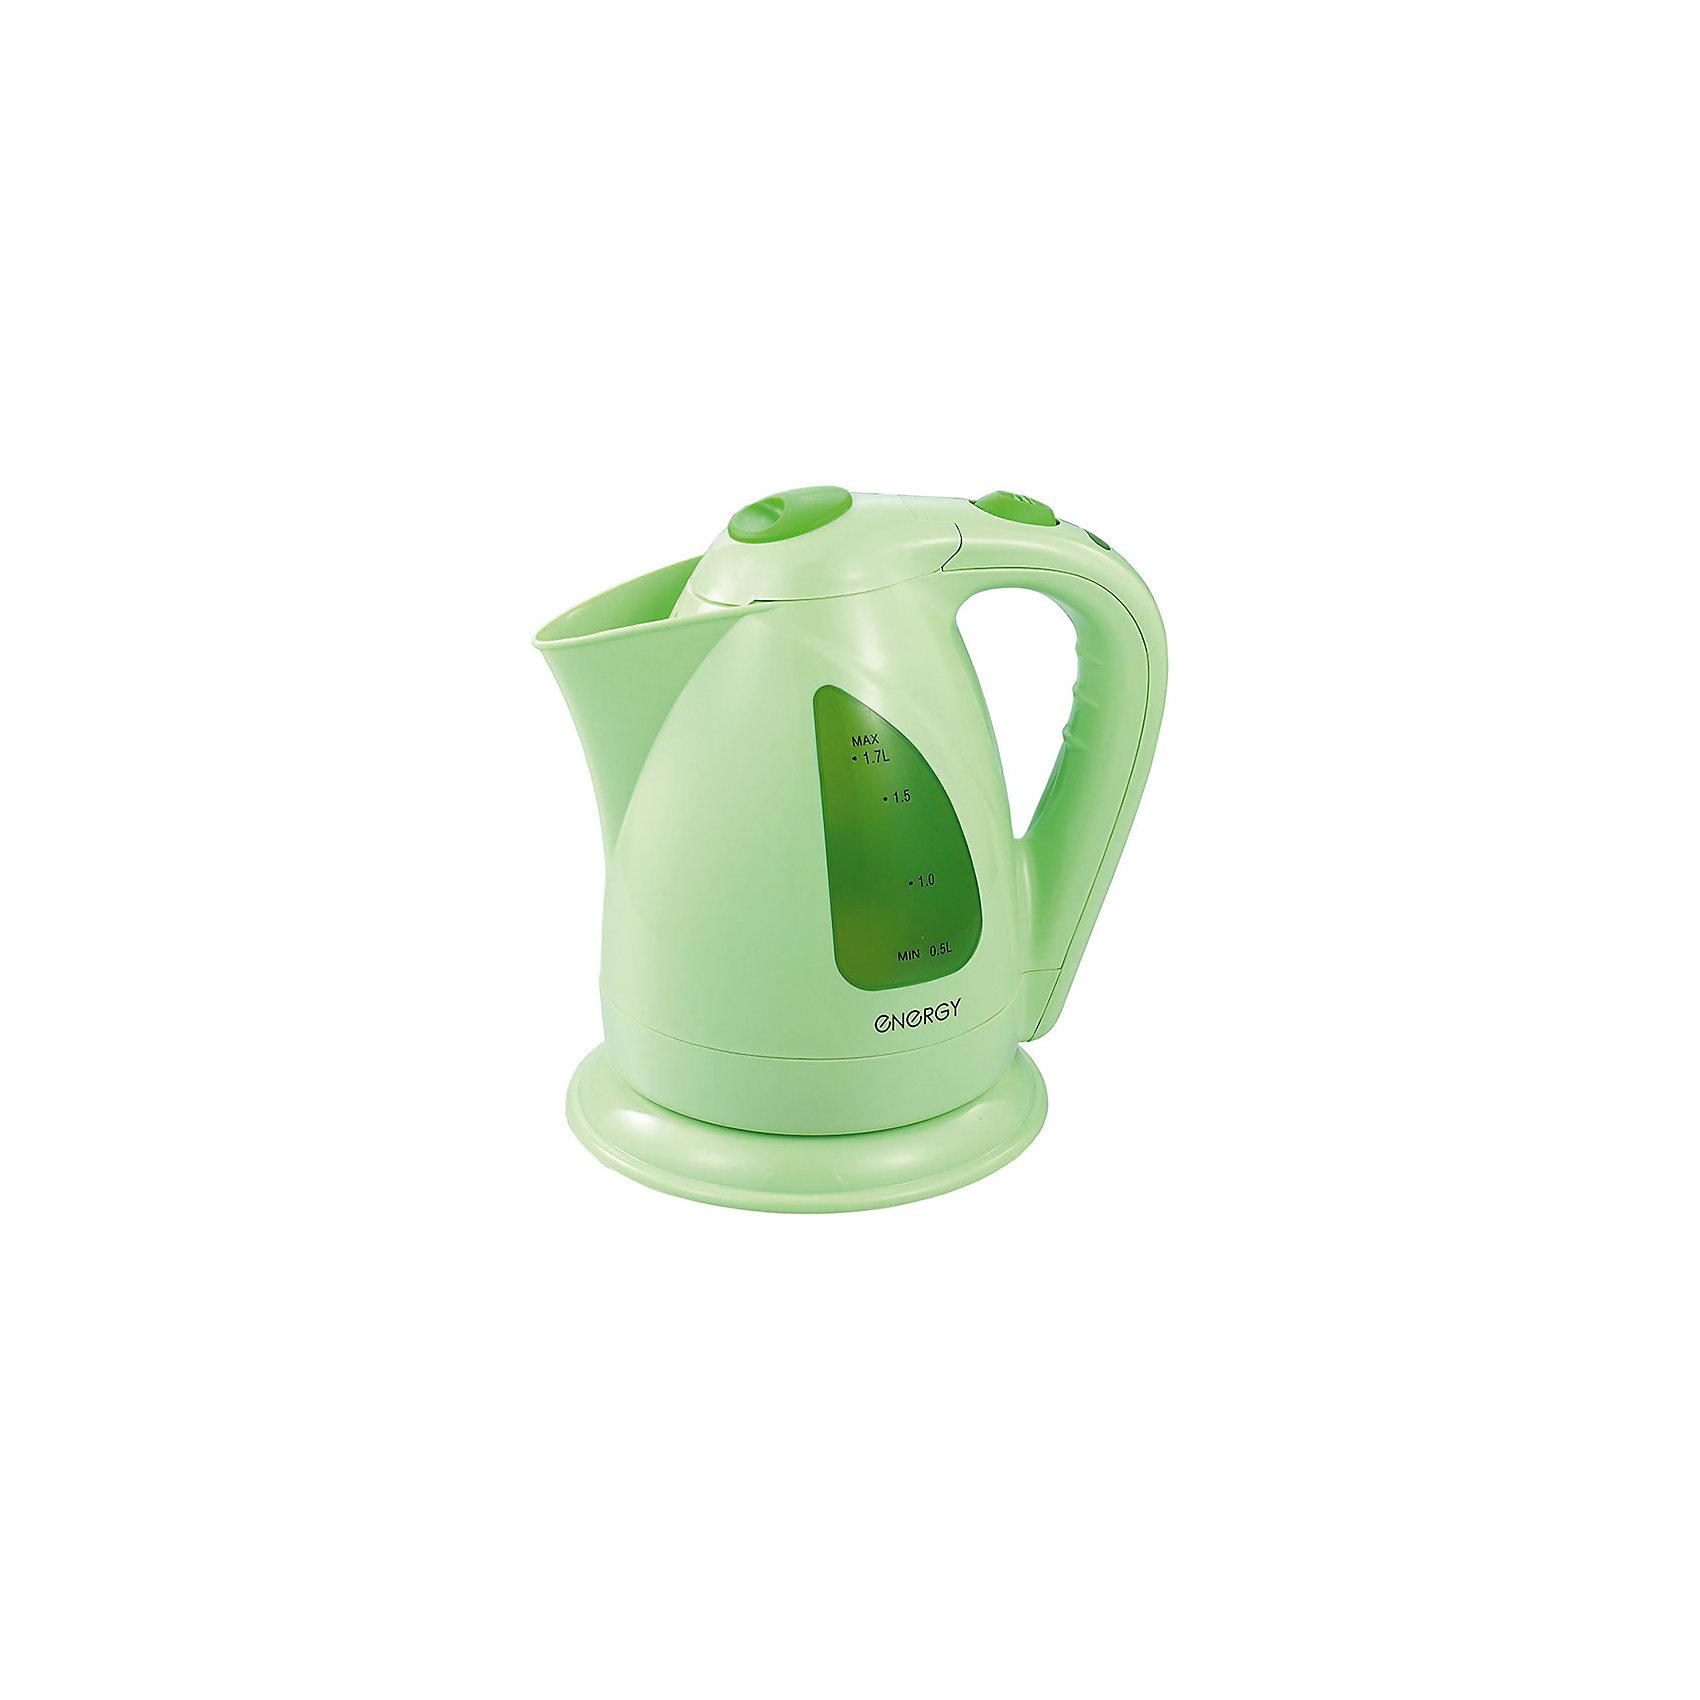 Чайник E-203 (1,7 л, диск), Energy,  св-зеленыйБытовая техника для кухни<br>Электрический чайник Energy дает возможность быстро вскипятить воду. Чайник оборудован специальным нагревательным элементом, который закрыт и безопасен. Световой индикатор работы показывает, когда чайник включен. Фильтр чайника можно снять и почистить. Предусмотрена защита во время работы без воды. Шнур прячется в выемку на дне подставки. Чайник на подставке можно поворачивать на 360 градусов. Шкала уровня воды находится на внешней стороне чайника, нанесена на прозрачное пластиковое окошко.<br><br>Дополнительная информация:<br><br>Размер чайника: 22,5х22х17,5 см<br>Объем чайника: 1,7 л<br><br>Материал: пластик, металл, кабель<br><br>Мощность: 1850-2200Вт<br>Напряжение: 220-240В, 50/60Гц<br> <br>Чайник E-203 (1,7 л, диск), Energy, св-зеленый можно купить в нашем интернет-магазине.<br><br>Ширина мм: 220<br>Глубина мм: 170<br>Высота мм: 230<br>Вес г: 1072<br>Возраст от месяцев: 216<br>Возраст до месяцев: 1080<br>Пол: Унисекс<br>Возраст: Детский<br>SKU: 4989883